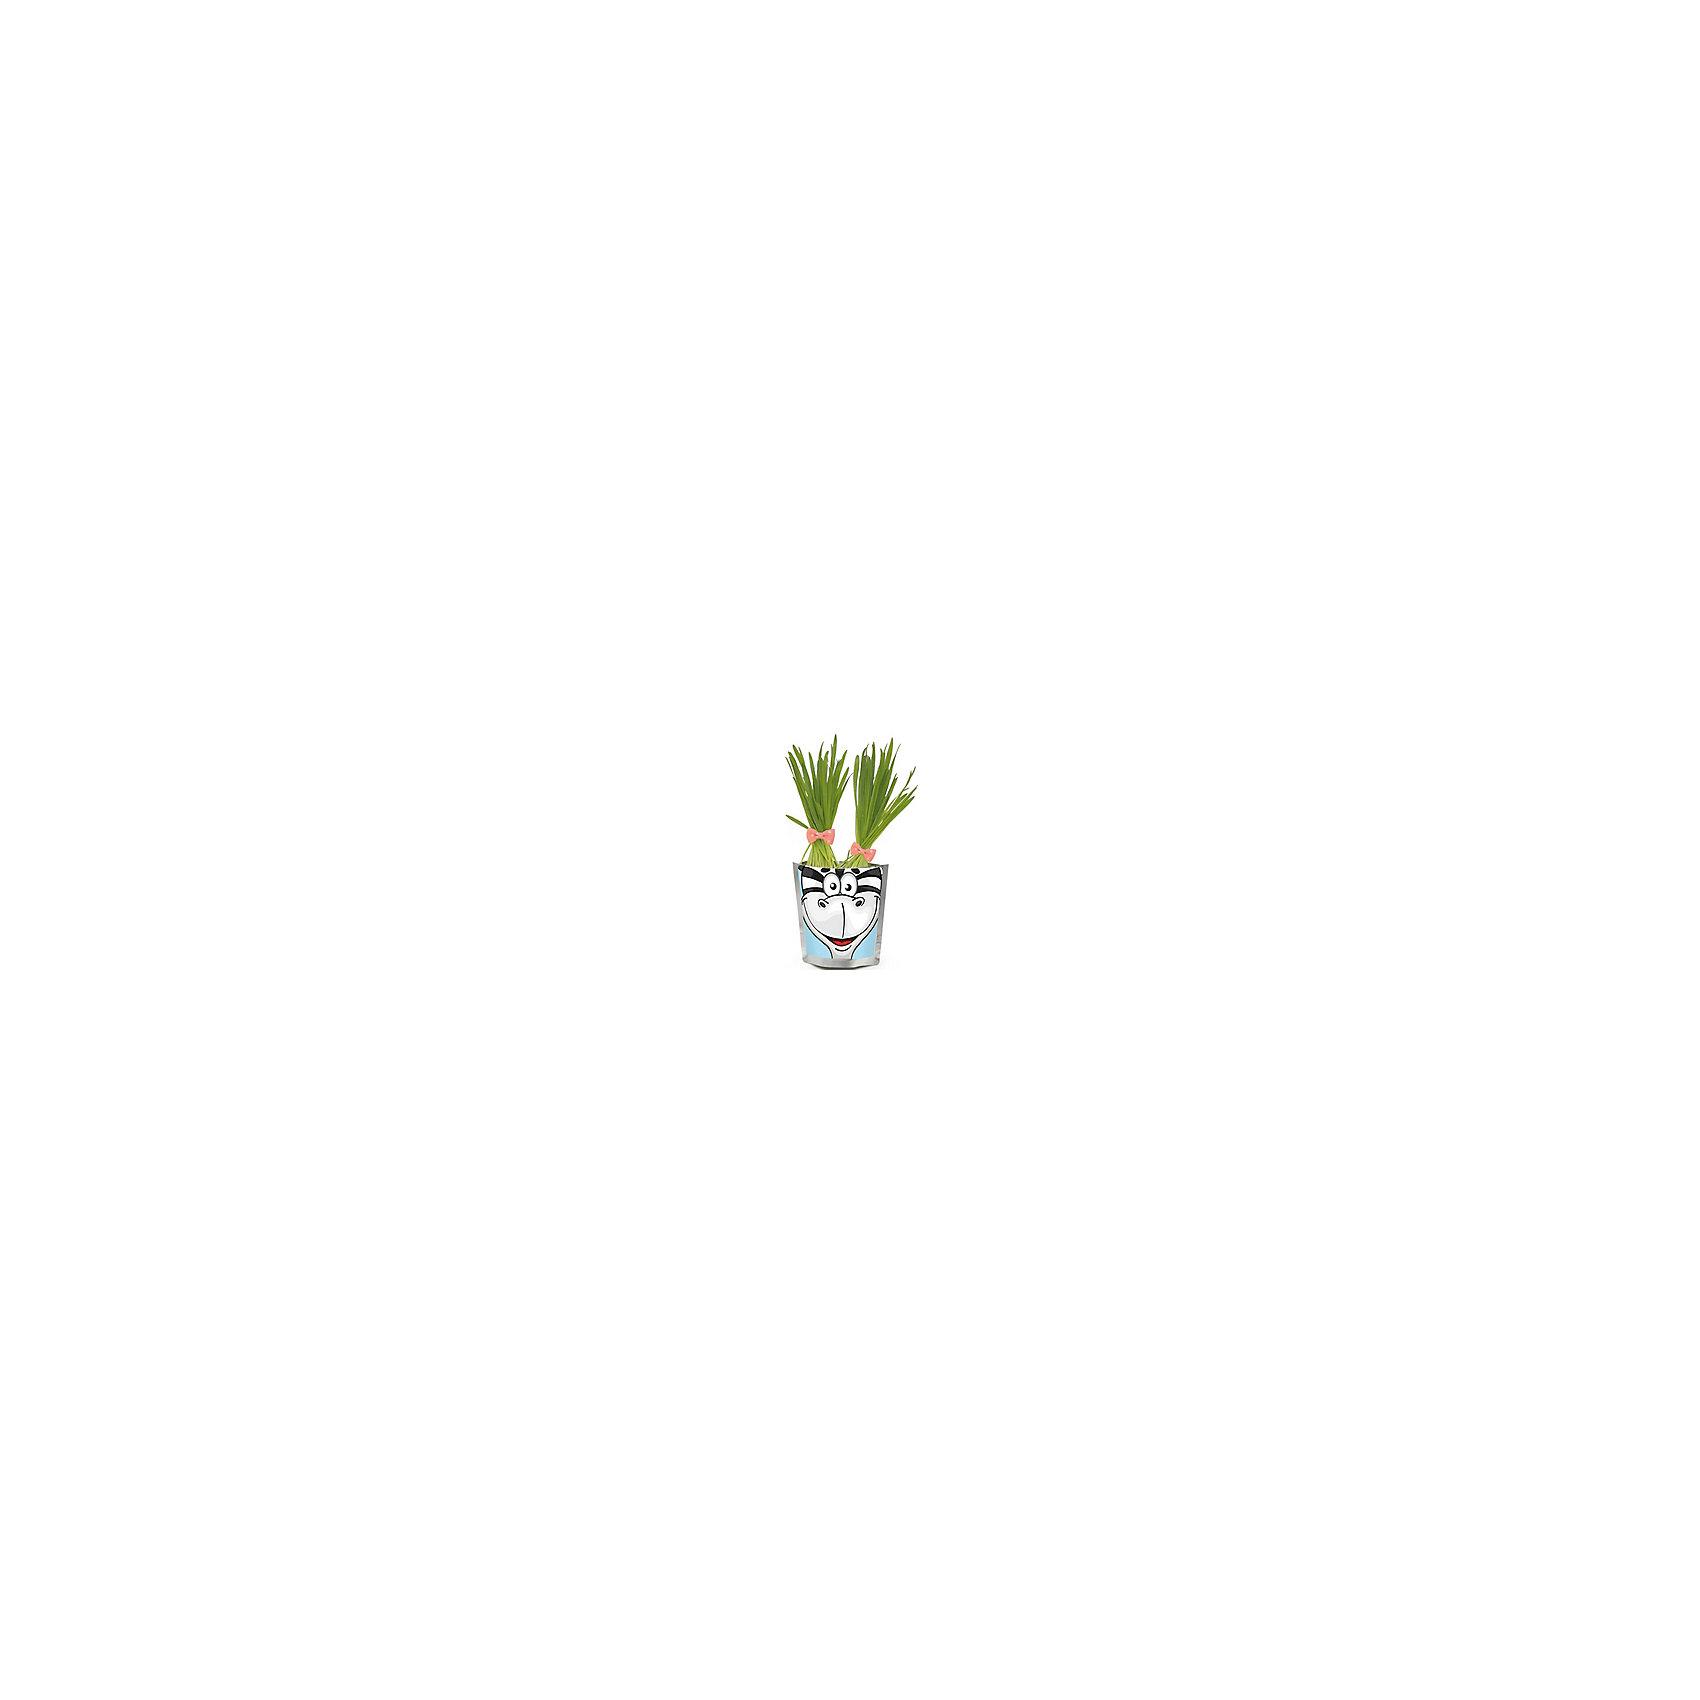 Набор для выращивания Сафари - Зебра Happy PlantHappy Plant Зебра.<br><br>Характеристики:<br><br>• научит ребенка выращивать растения и ухаживать за ними<br>• развивает фантазию <br>• яркий оригинальный дизайн<br>• качественные семена<br>• в комплекте: пакет-горшочек, органический субстрат для посадки, семена, лопатка, инструкция<br>• размер: 18х13 см<br>• объем: 500 мл<br>• Вес: 230 грамм<br><br>Забавная Зебра научит ребенка ухаживать за растениями. С помощью инструкции ребенок с радостью посадит семена и будет наблюдать за ростом травки. Ее можно подстригать, придавая различные формы. Кроме того, Вы сможете придумывать зебре различные прически. Такая веселая зебра должна быть у каждого юного садовода!<br><br>Happy Plant Зебра Вы можете купить в нашем интернет-магазине.<br><br>Ширина мм: 180<br>Глубина мм: 130<br>Высота мм: 80<br>Вес г: 230<br>Возраст от месяцев: 168<br>Возраст до месяцев: 240<br>Пол: Унисекс<br>Возраст: Детский<br>SKU: 5053995